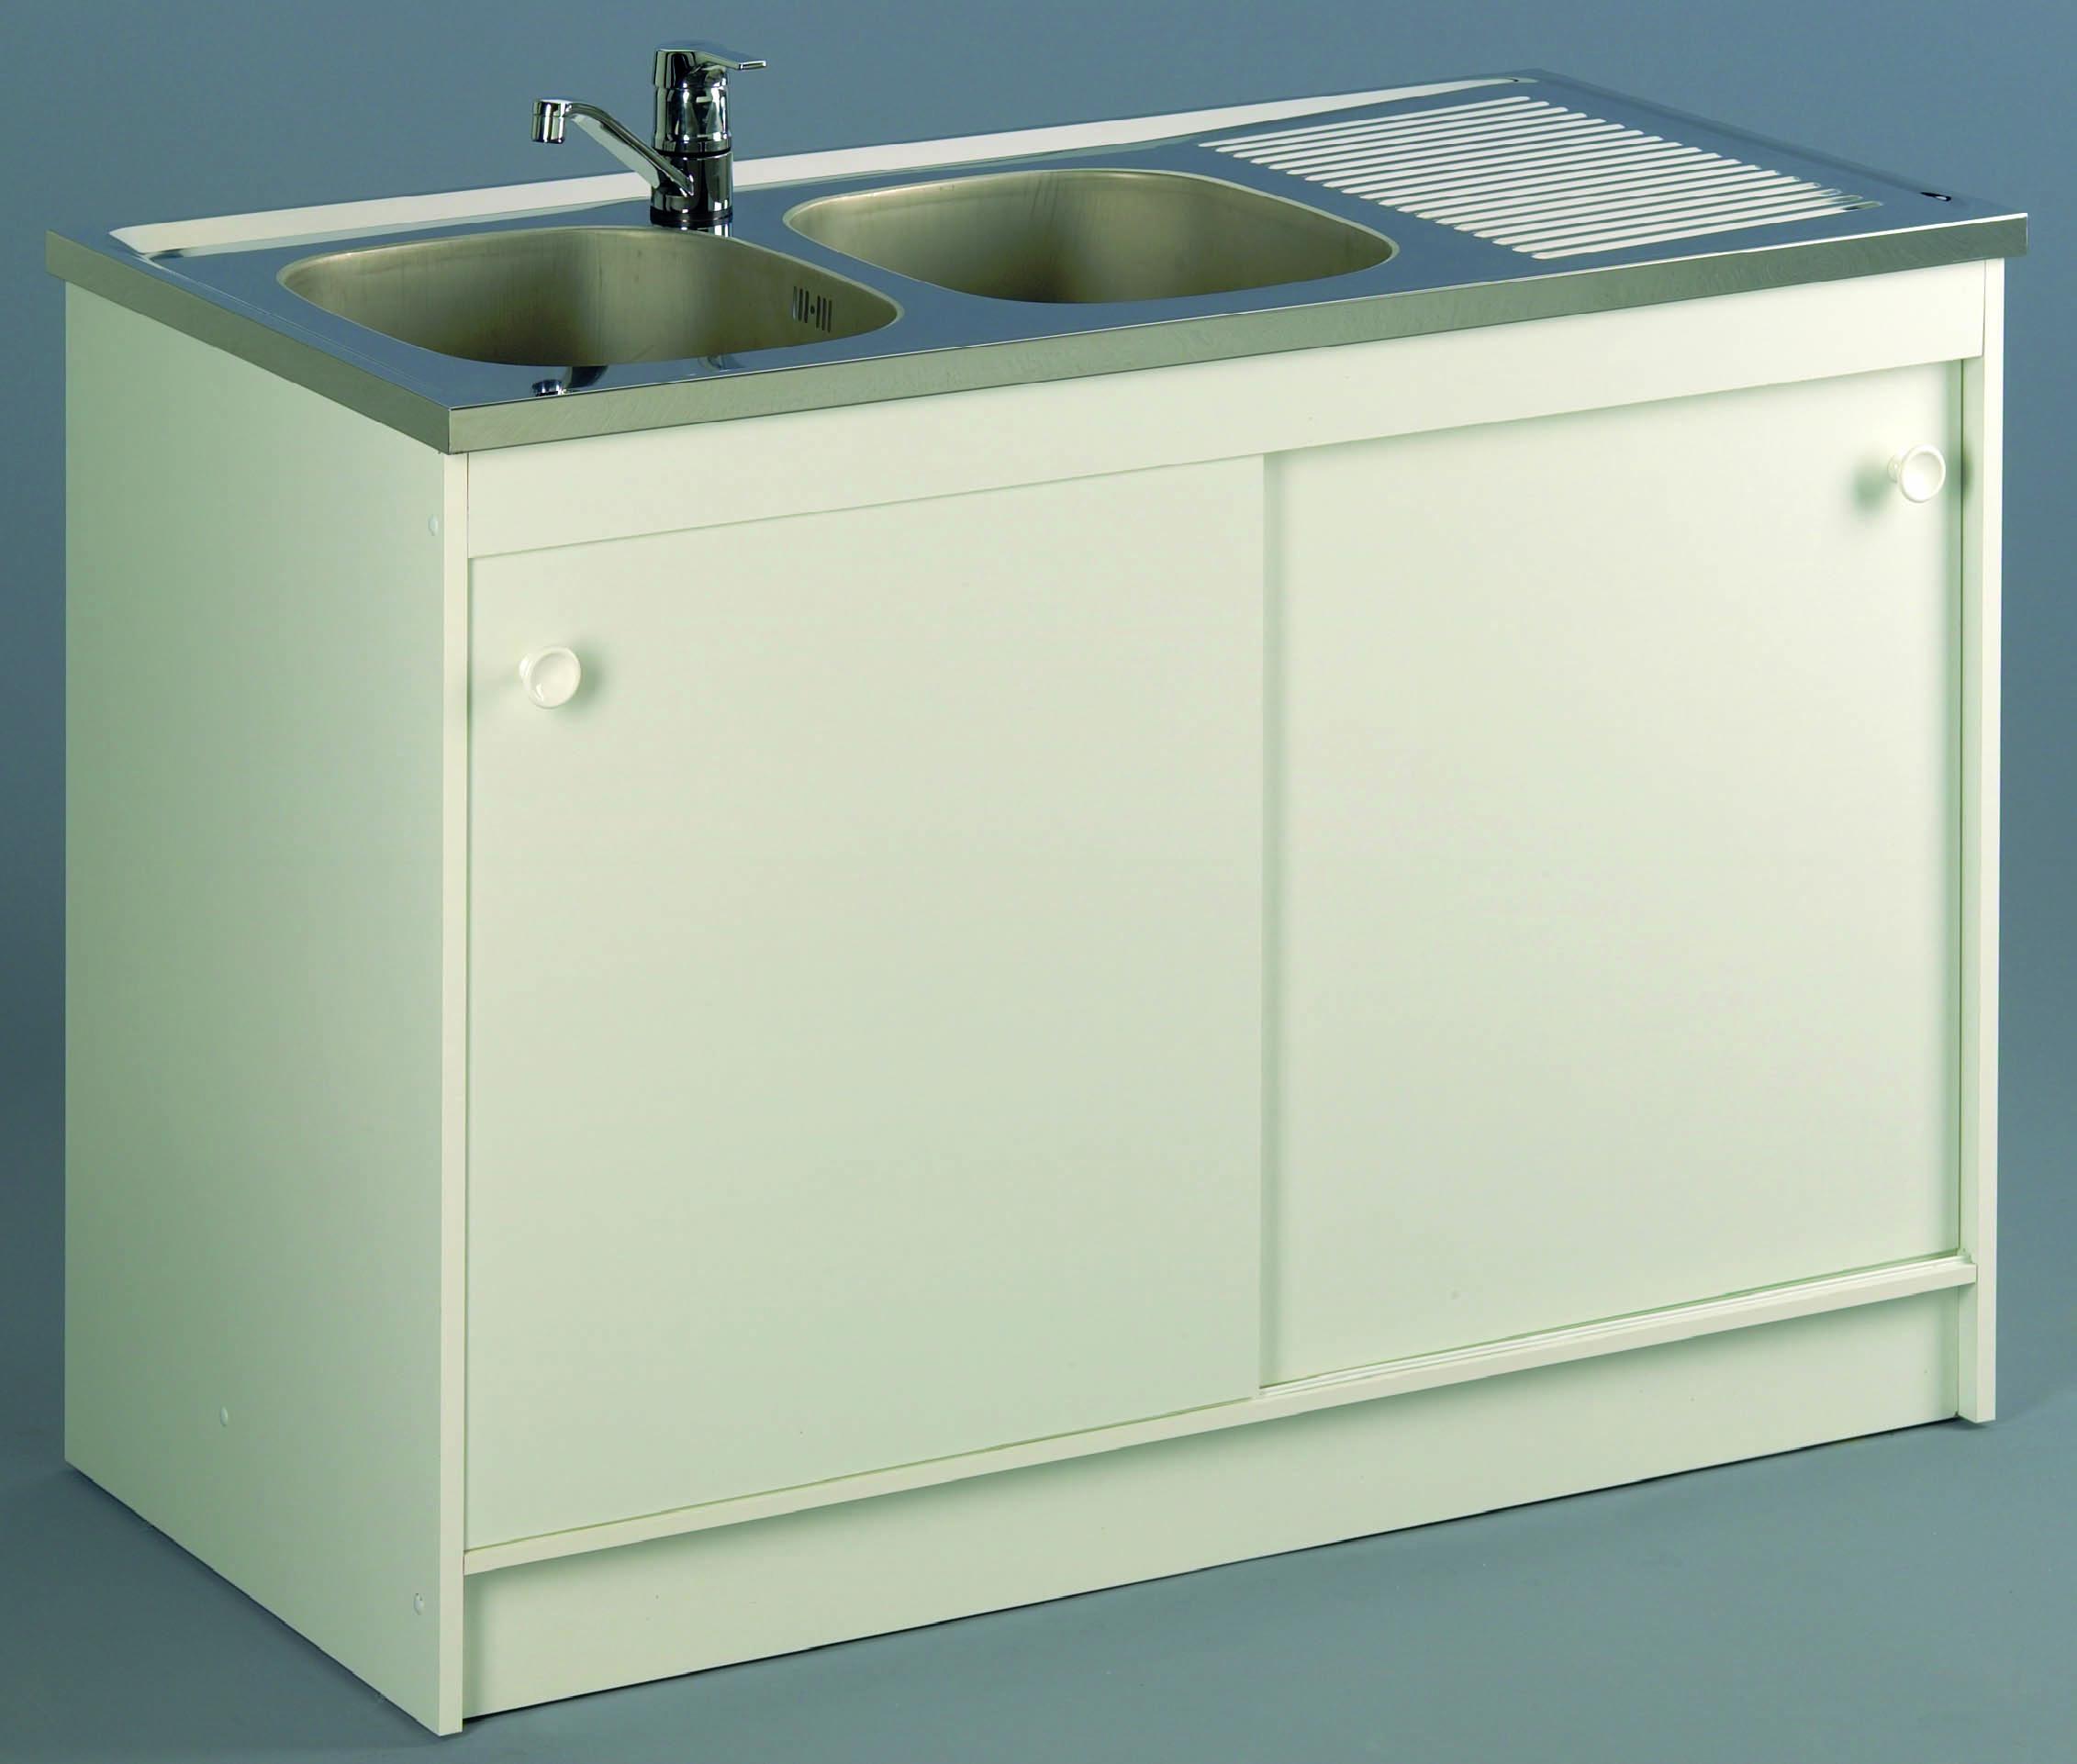 Meubles et accessoires pour les professionnels de la salle for Accessoire pour meuble de cuisine